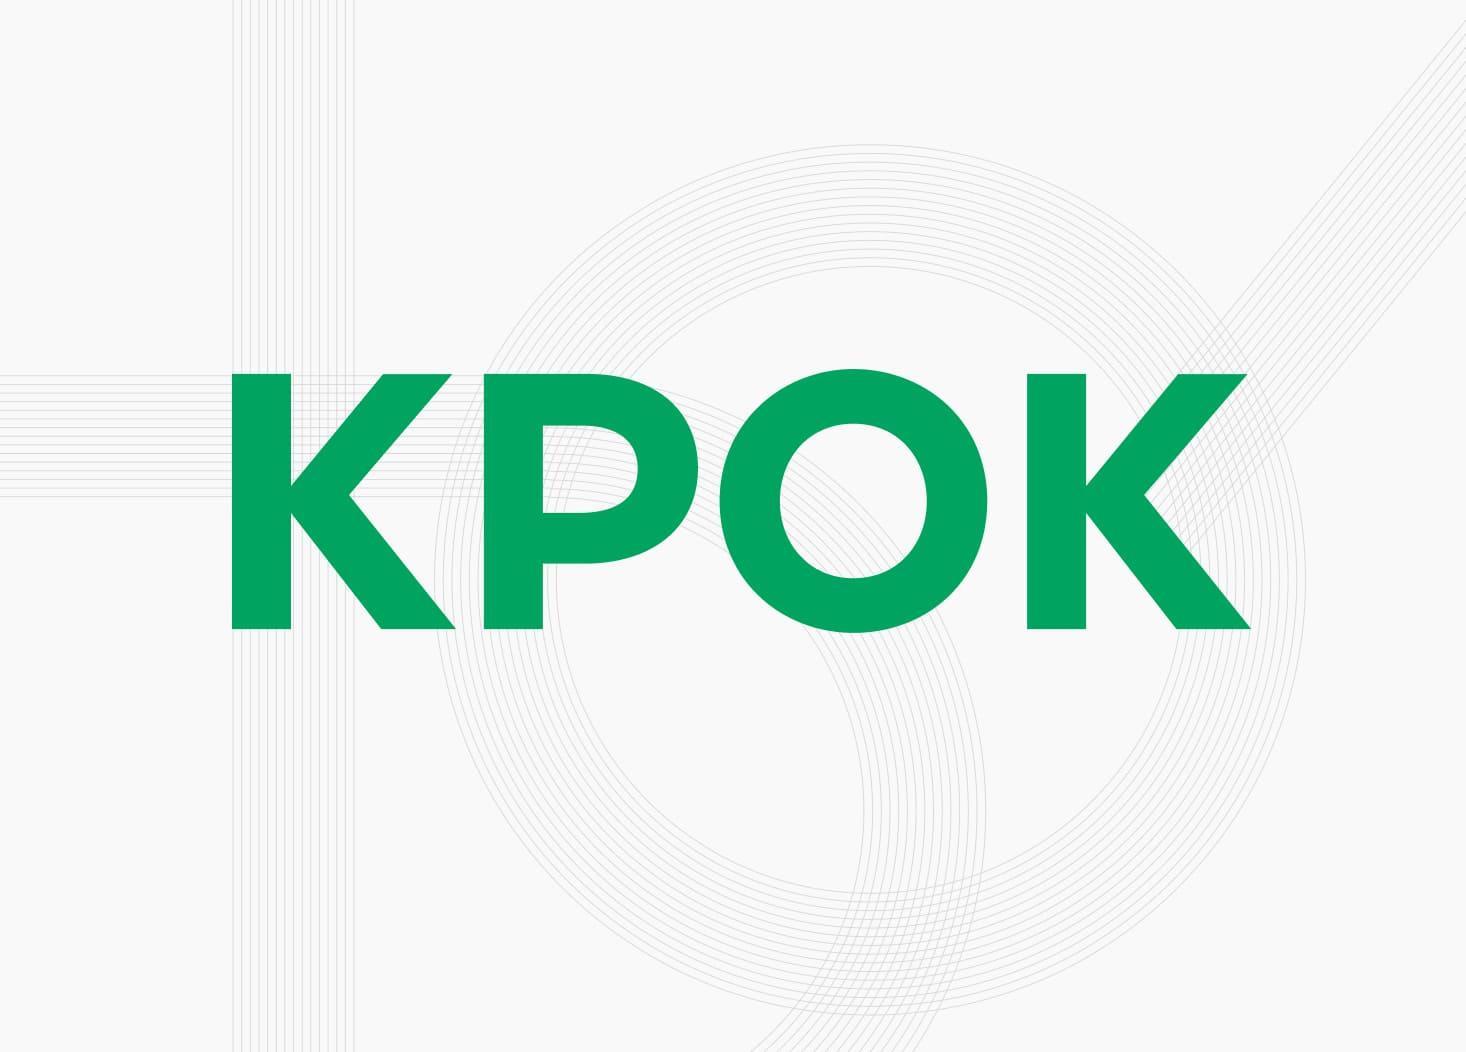 KPOK company logo